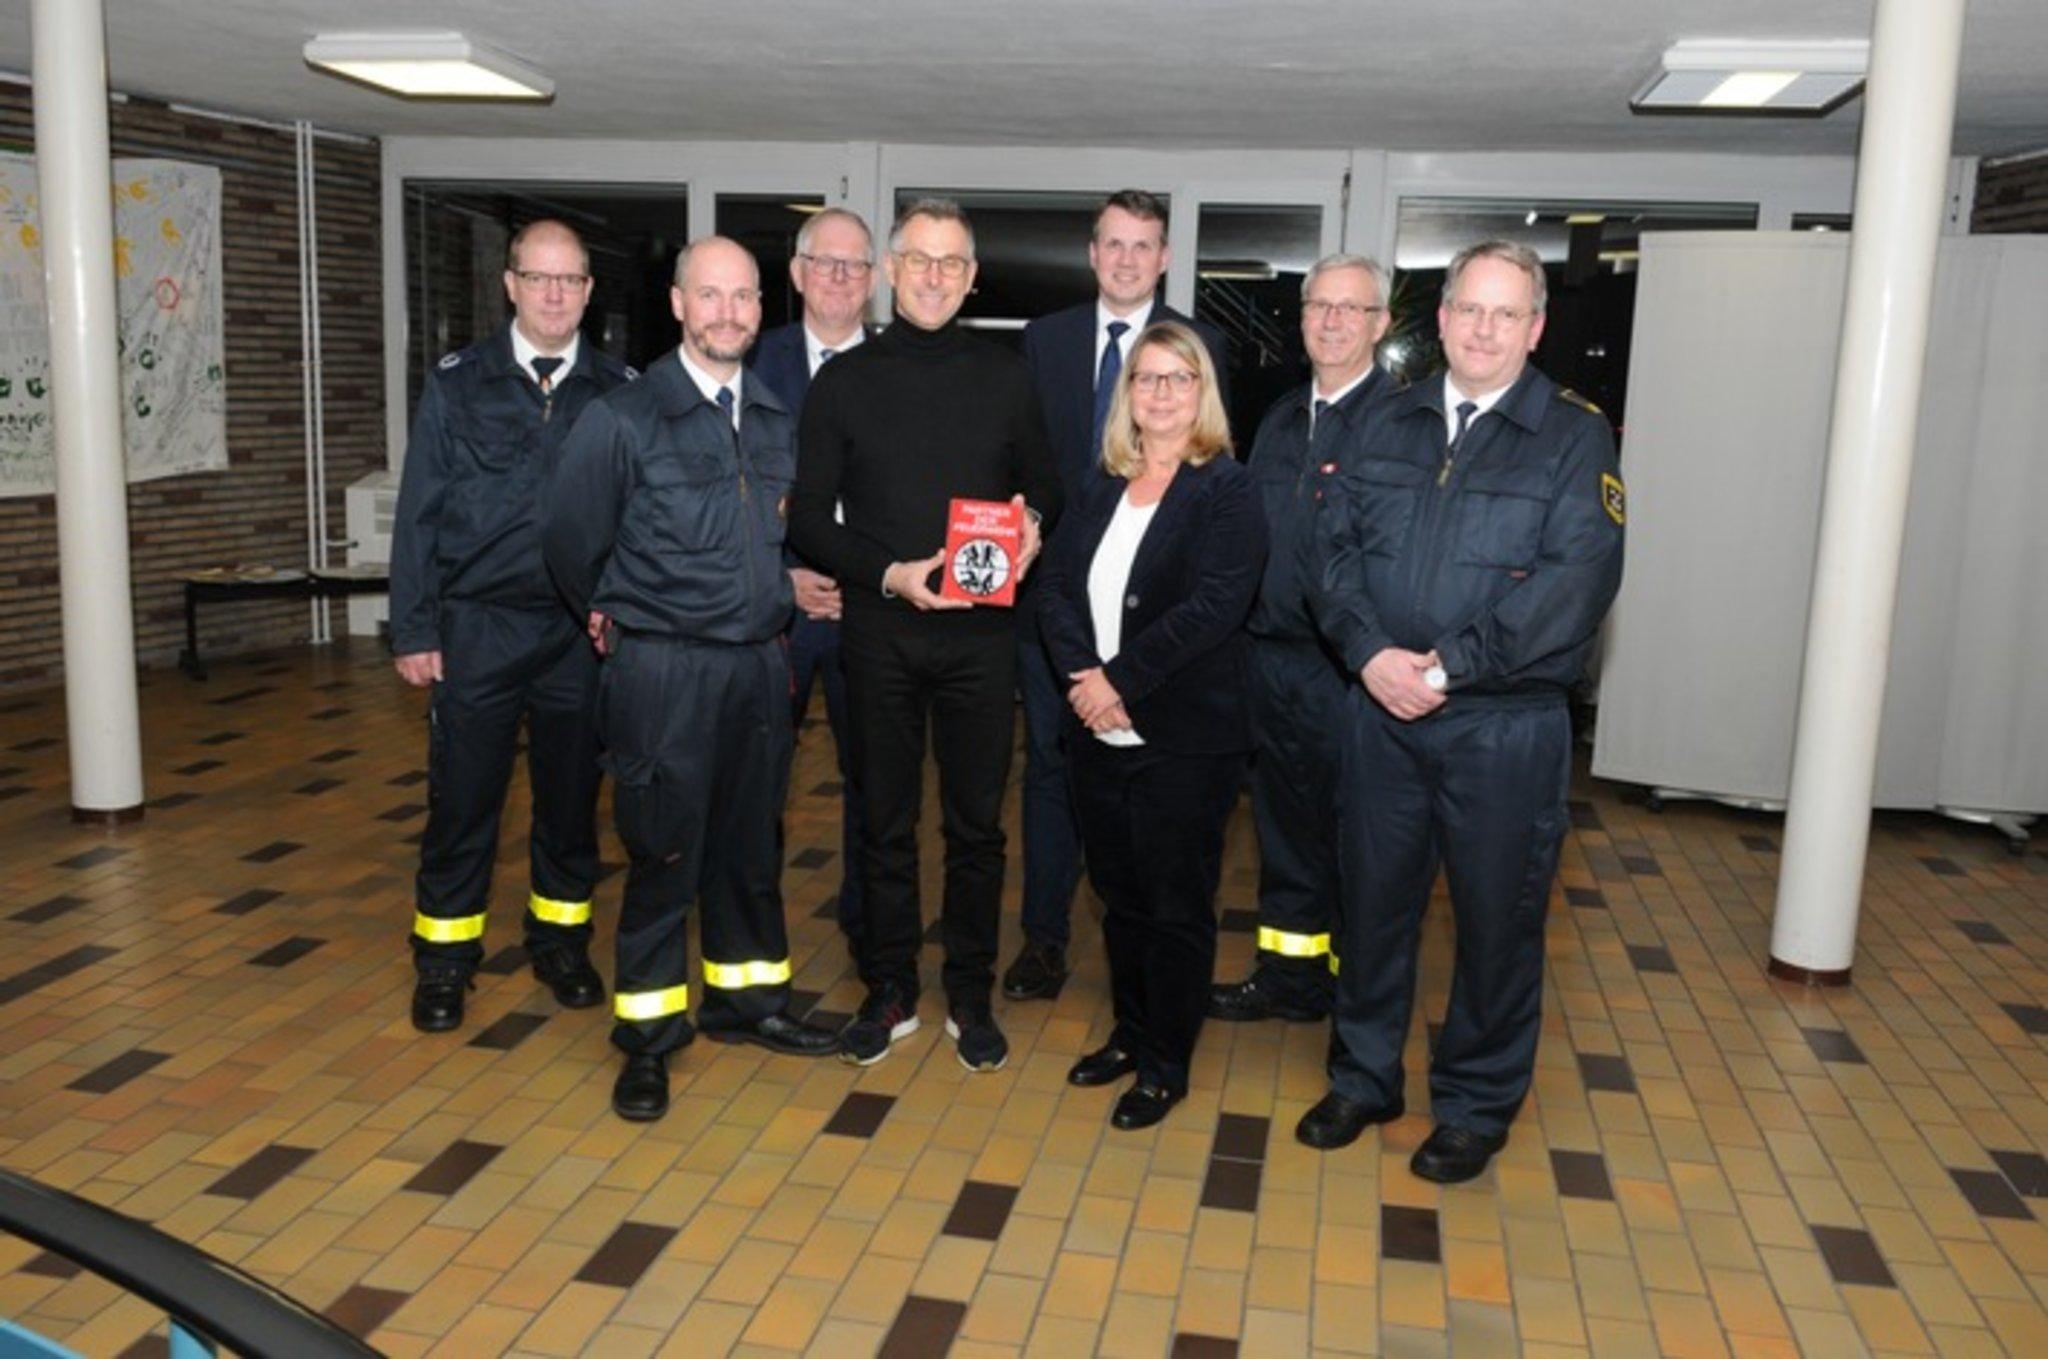 """Firma SIGNUM Feuerschutz GmbH aus Marl erhält Auszeichnung """"Partner der Feuerwehr"""" - Marl - Lokalkompass.de"""